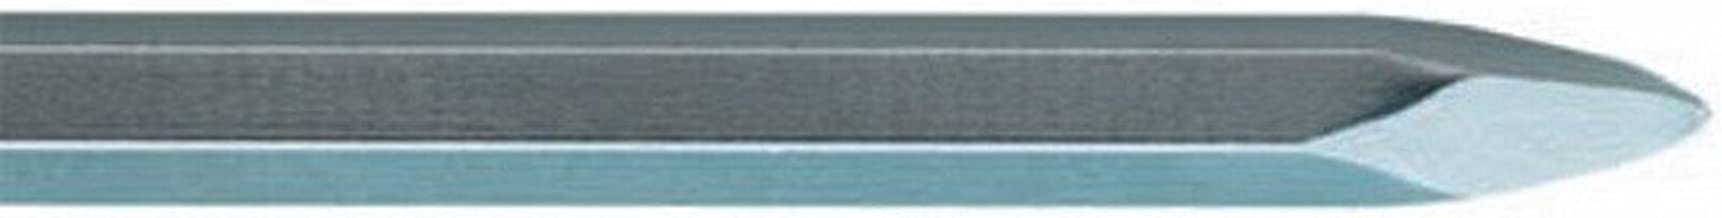 0mmx4.92In P-61721 Drill Bit Hss-Co 9